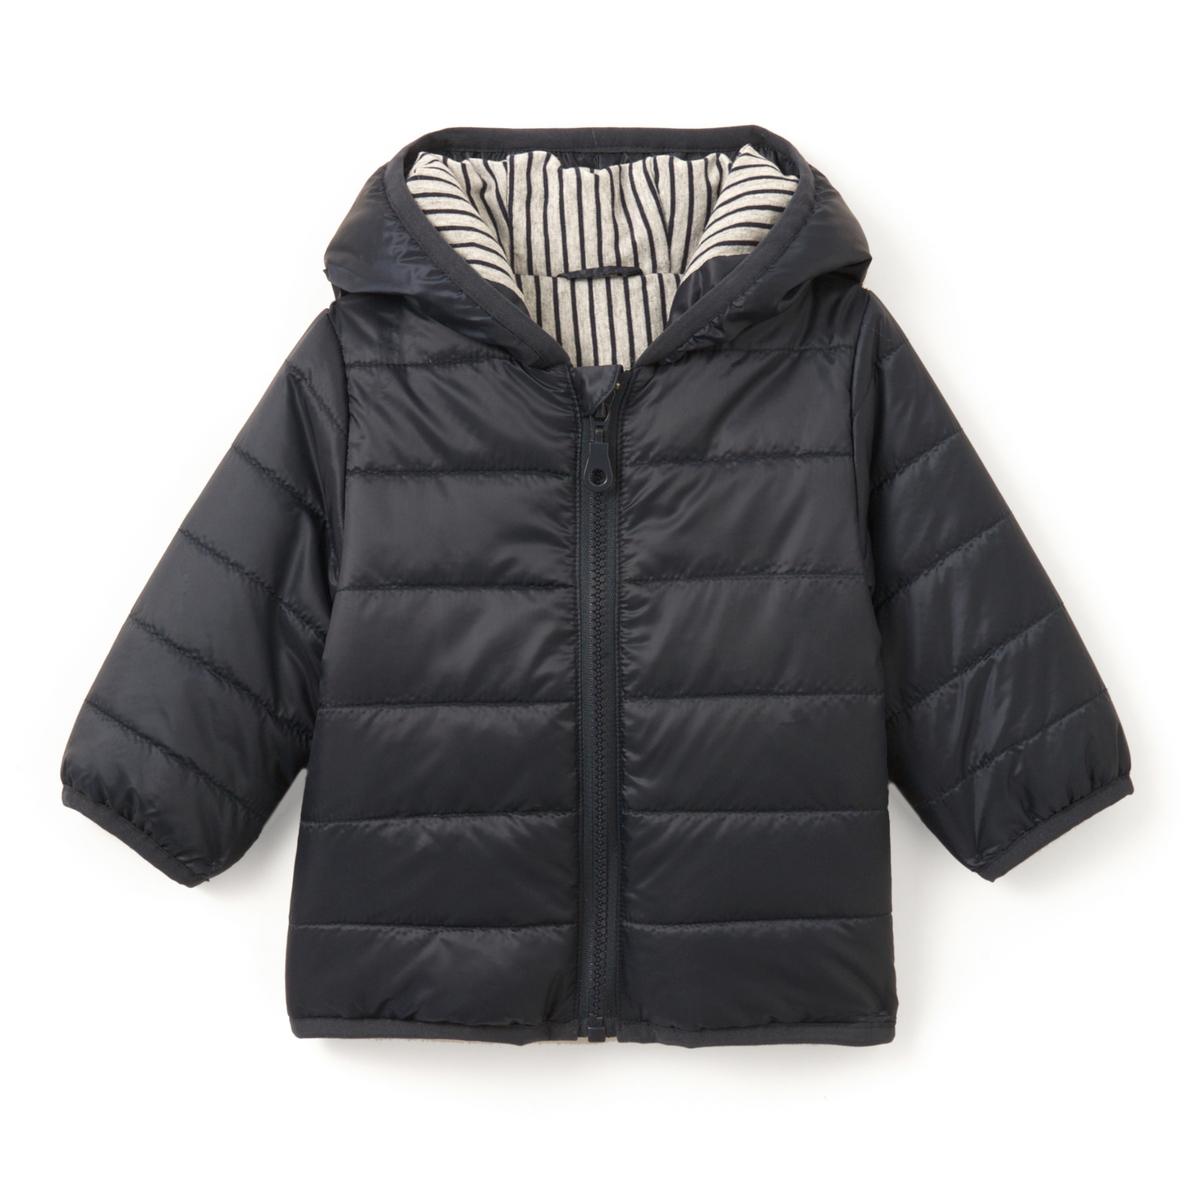 Куртка легкая с капюшоном, 1 мес. - 3 лет